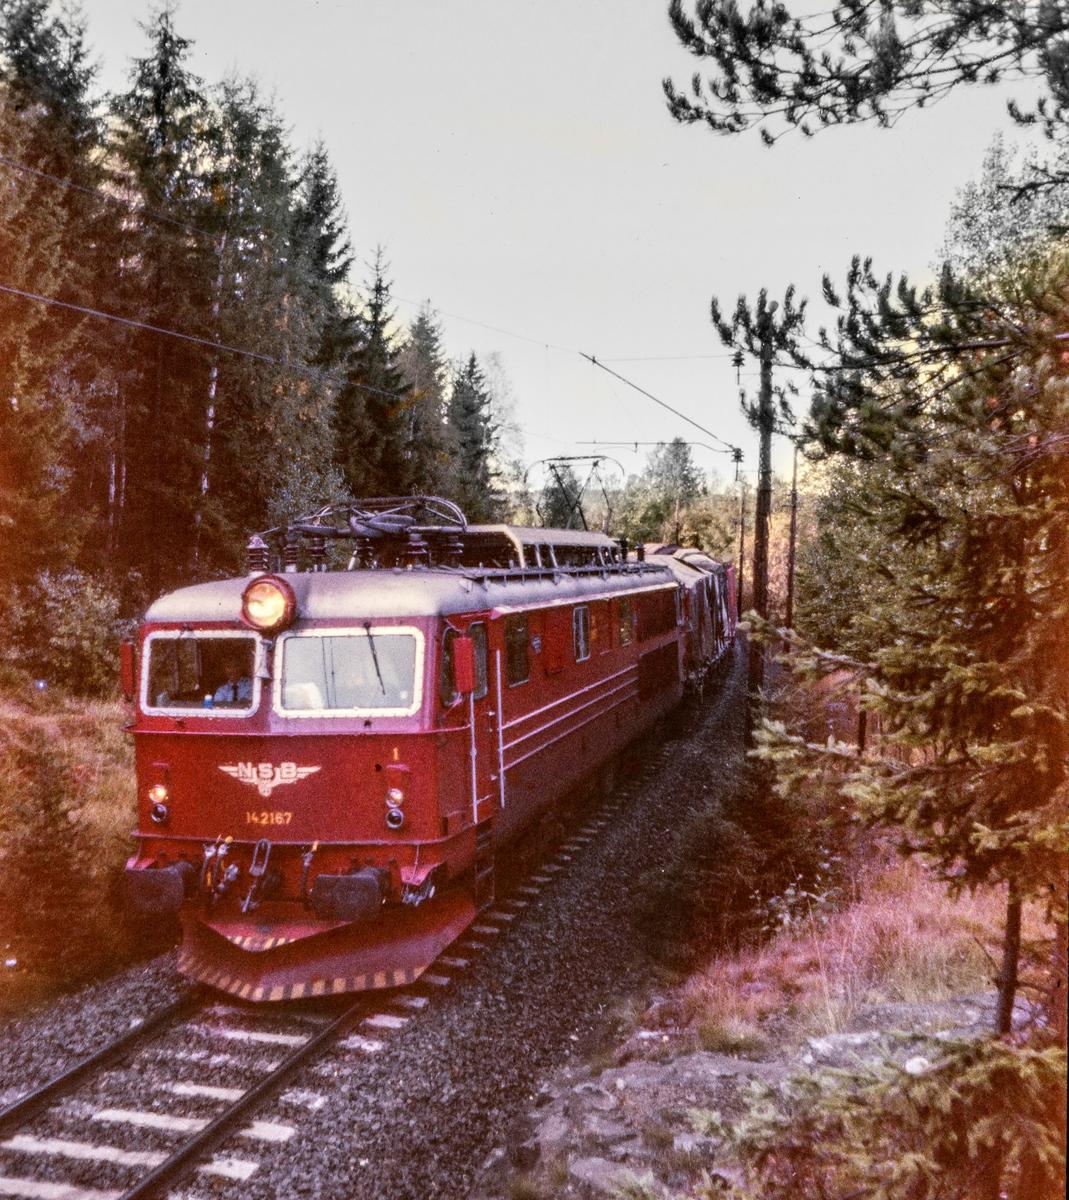 Elektrisk lokomotiv El 14  2167 med godstog mellom Kjelsås og Sandermosen